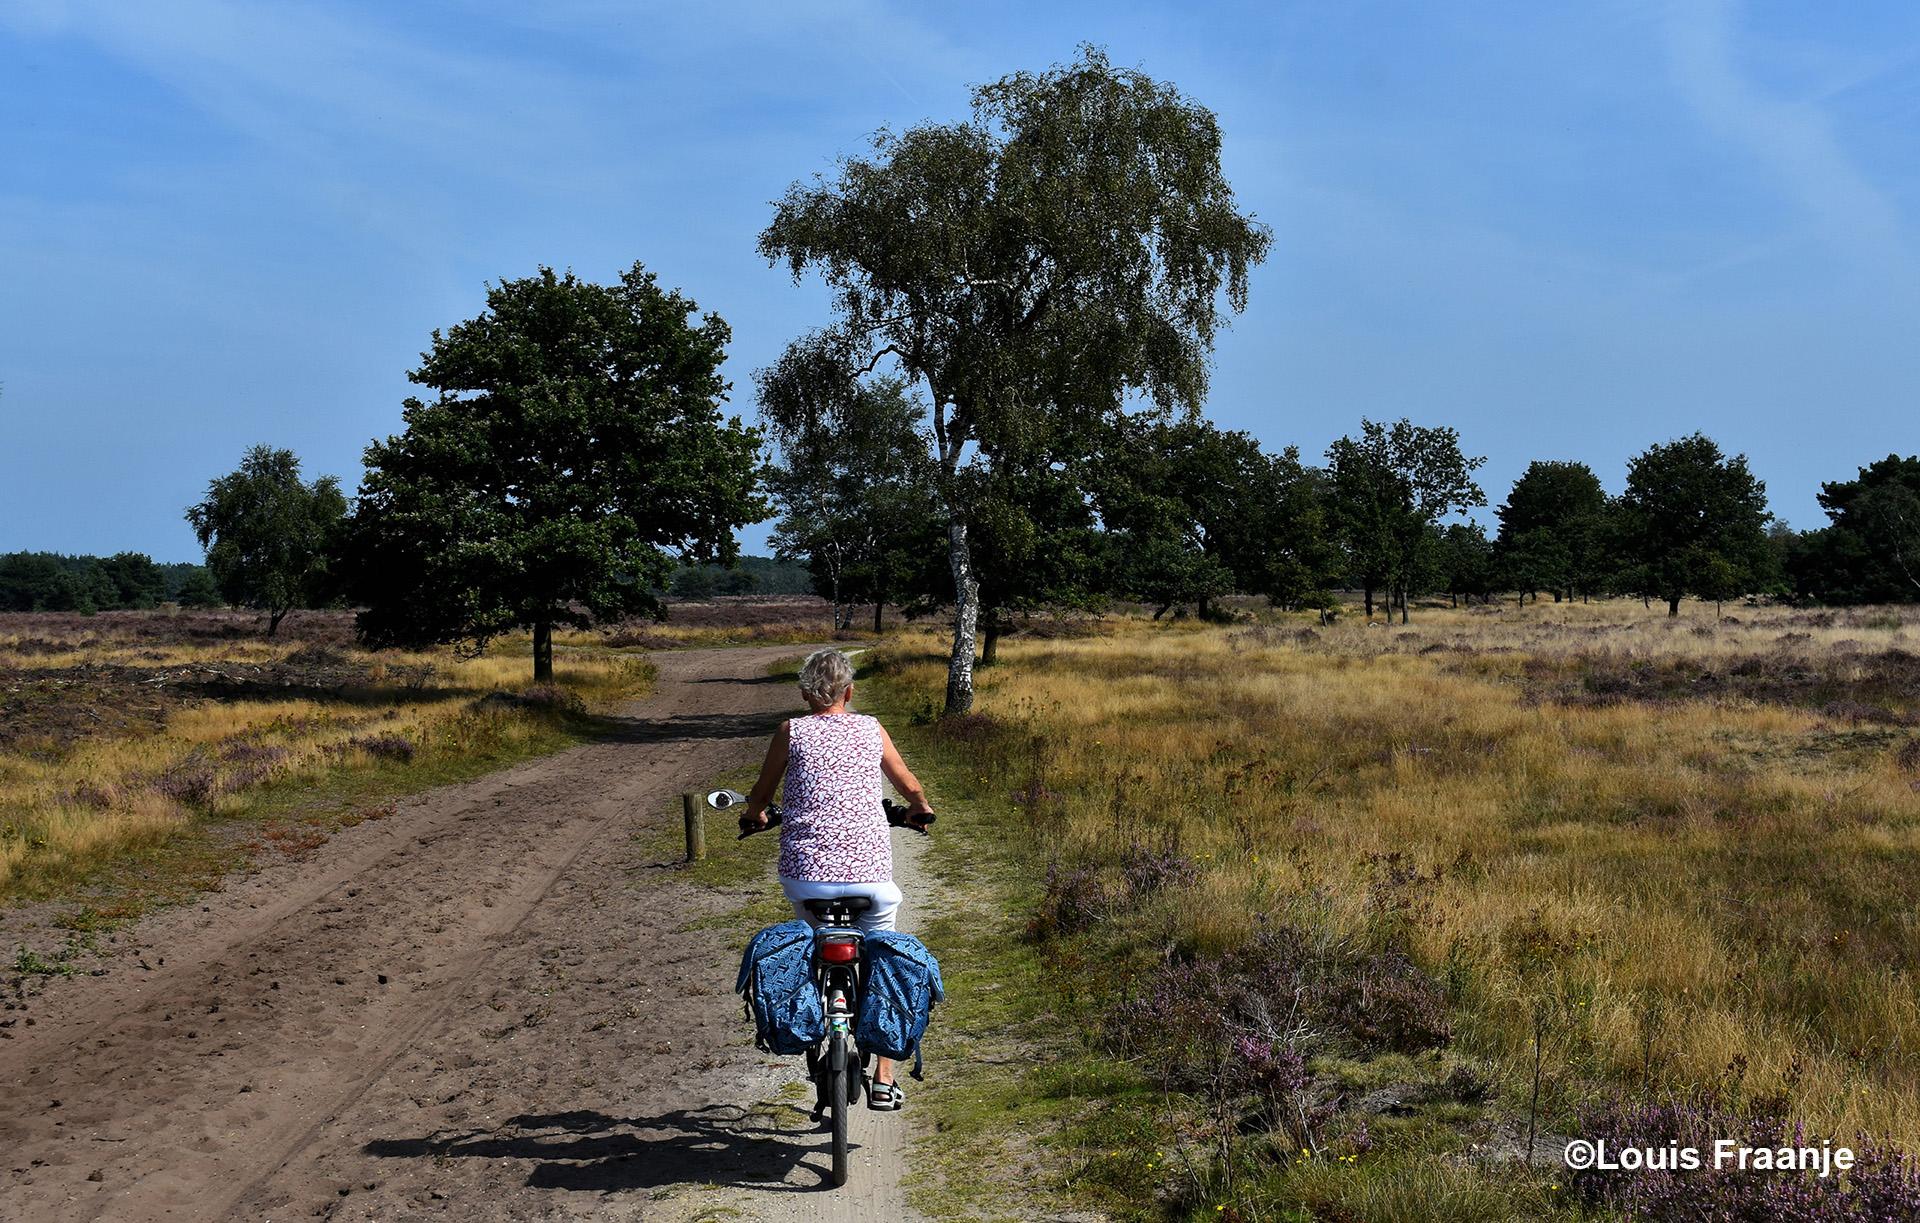 Wat meer richting Kootwijk begint de begroeiing - Foto: ©Louis Fraanje